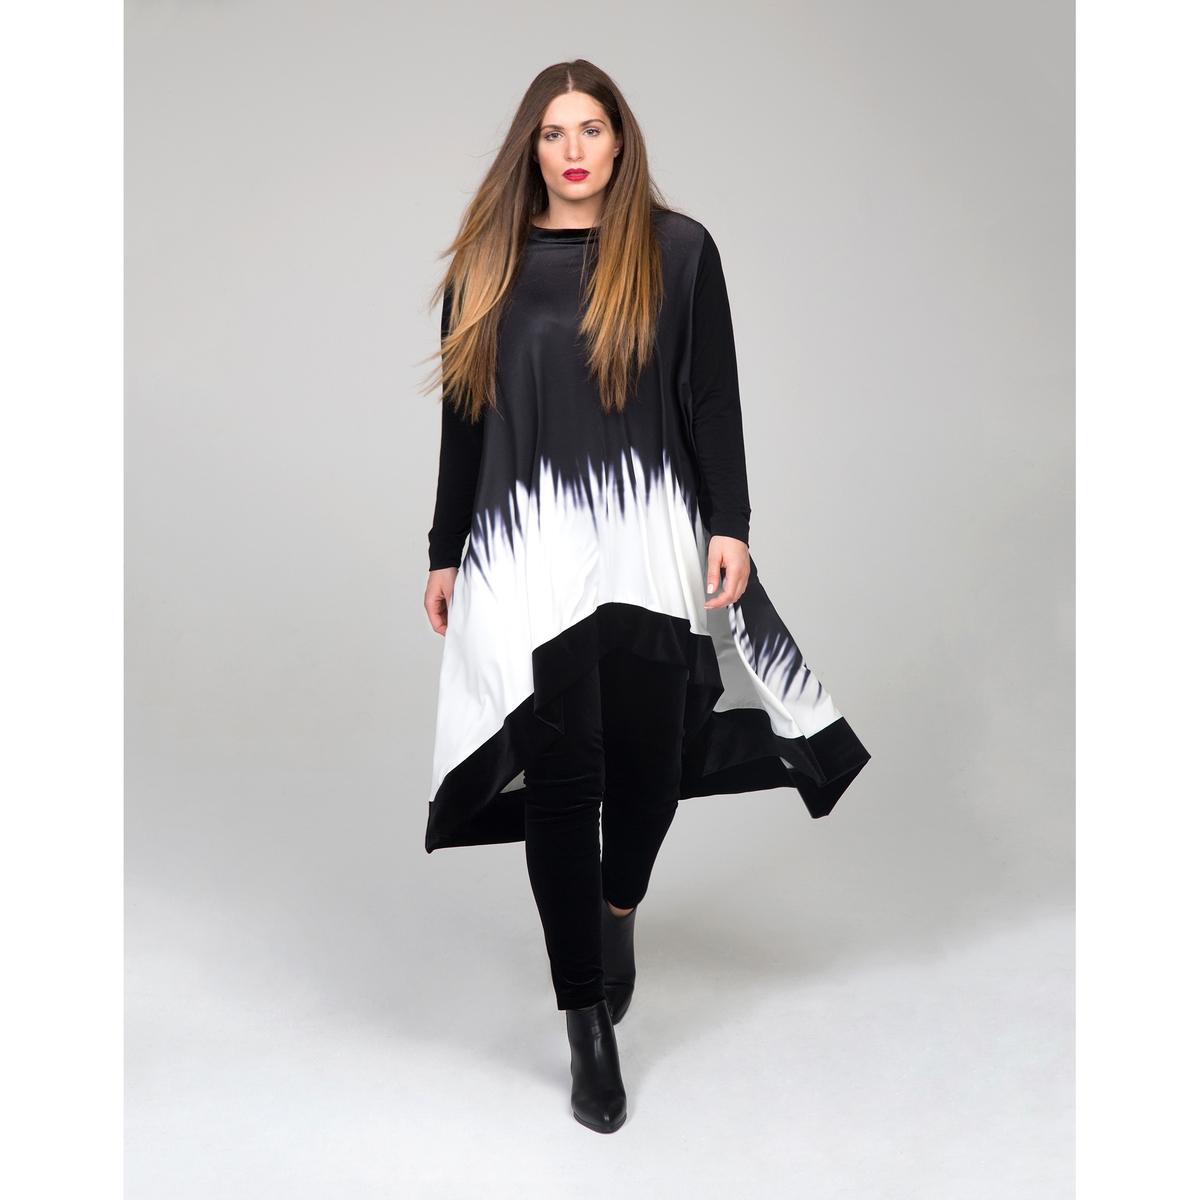 Платье асимметричноеАсимметричный покрой из струящейся ткани с двухцветным рисунком. Отделка низа велюром черного цвета. Удлиненная конструкция спинки. Длинные рукава. Закругленный вырез. Красивое платье одного размера, соответствует 46-54 размерам.<br><br>Цвет: черный